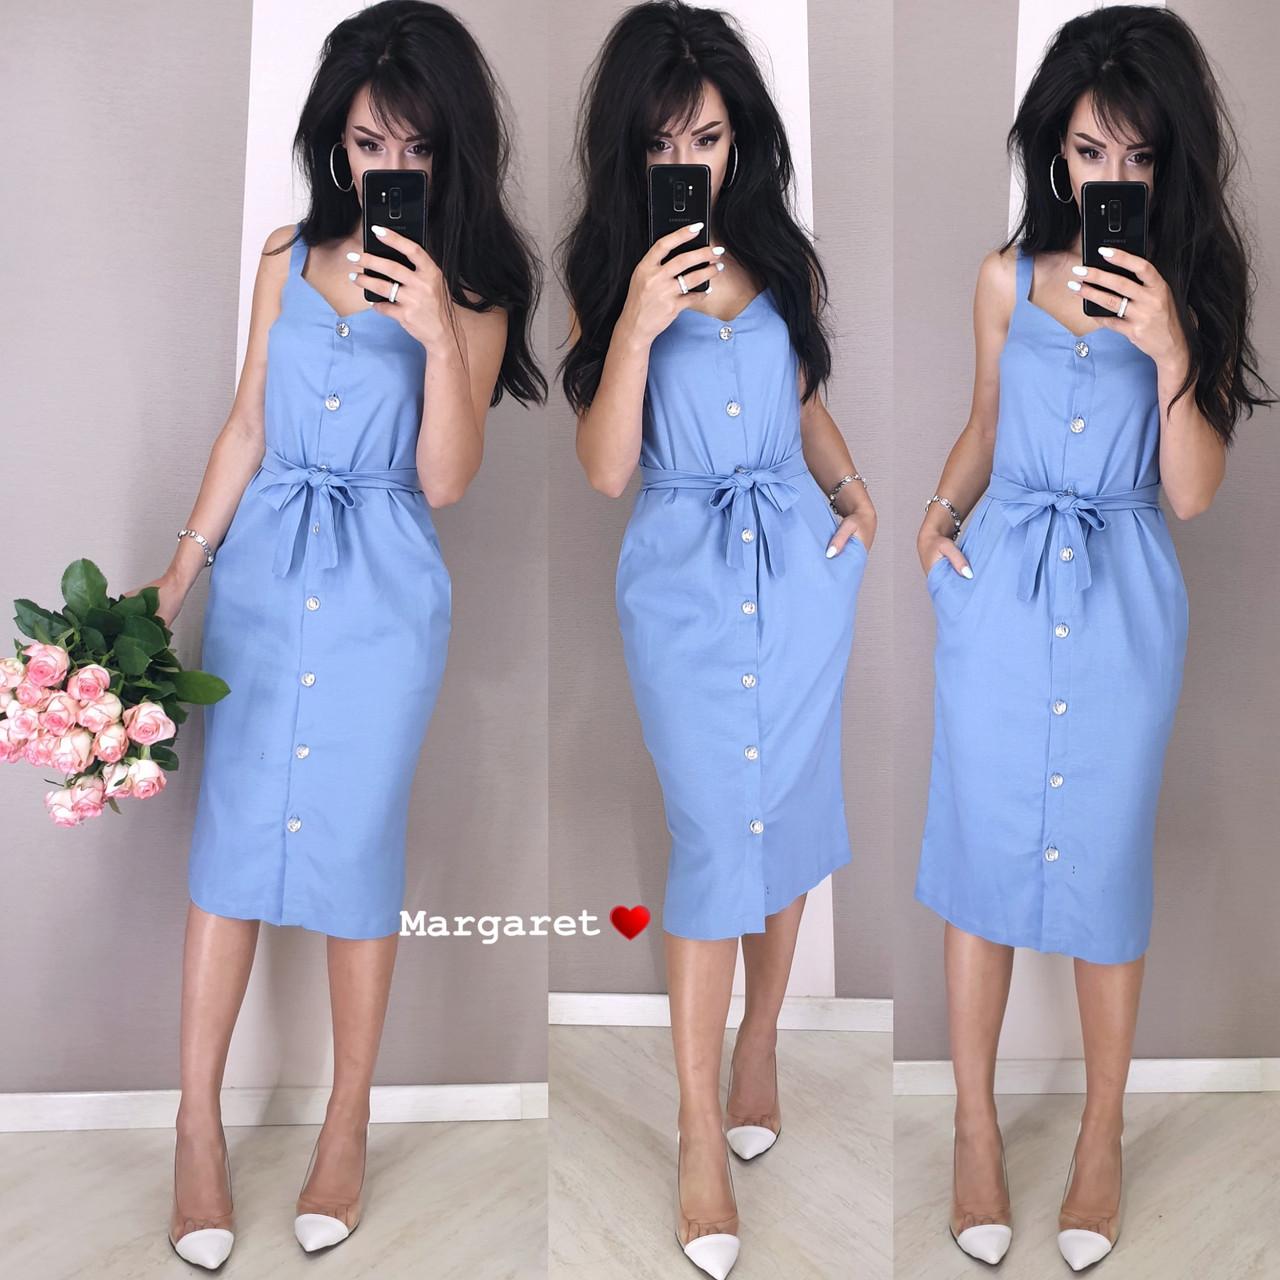 Льняное платье - рубашка по фигуре с пуговицами по всей длине и на бретелях 9py3229